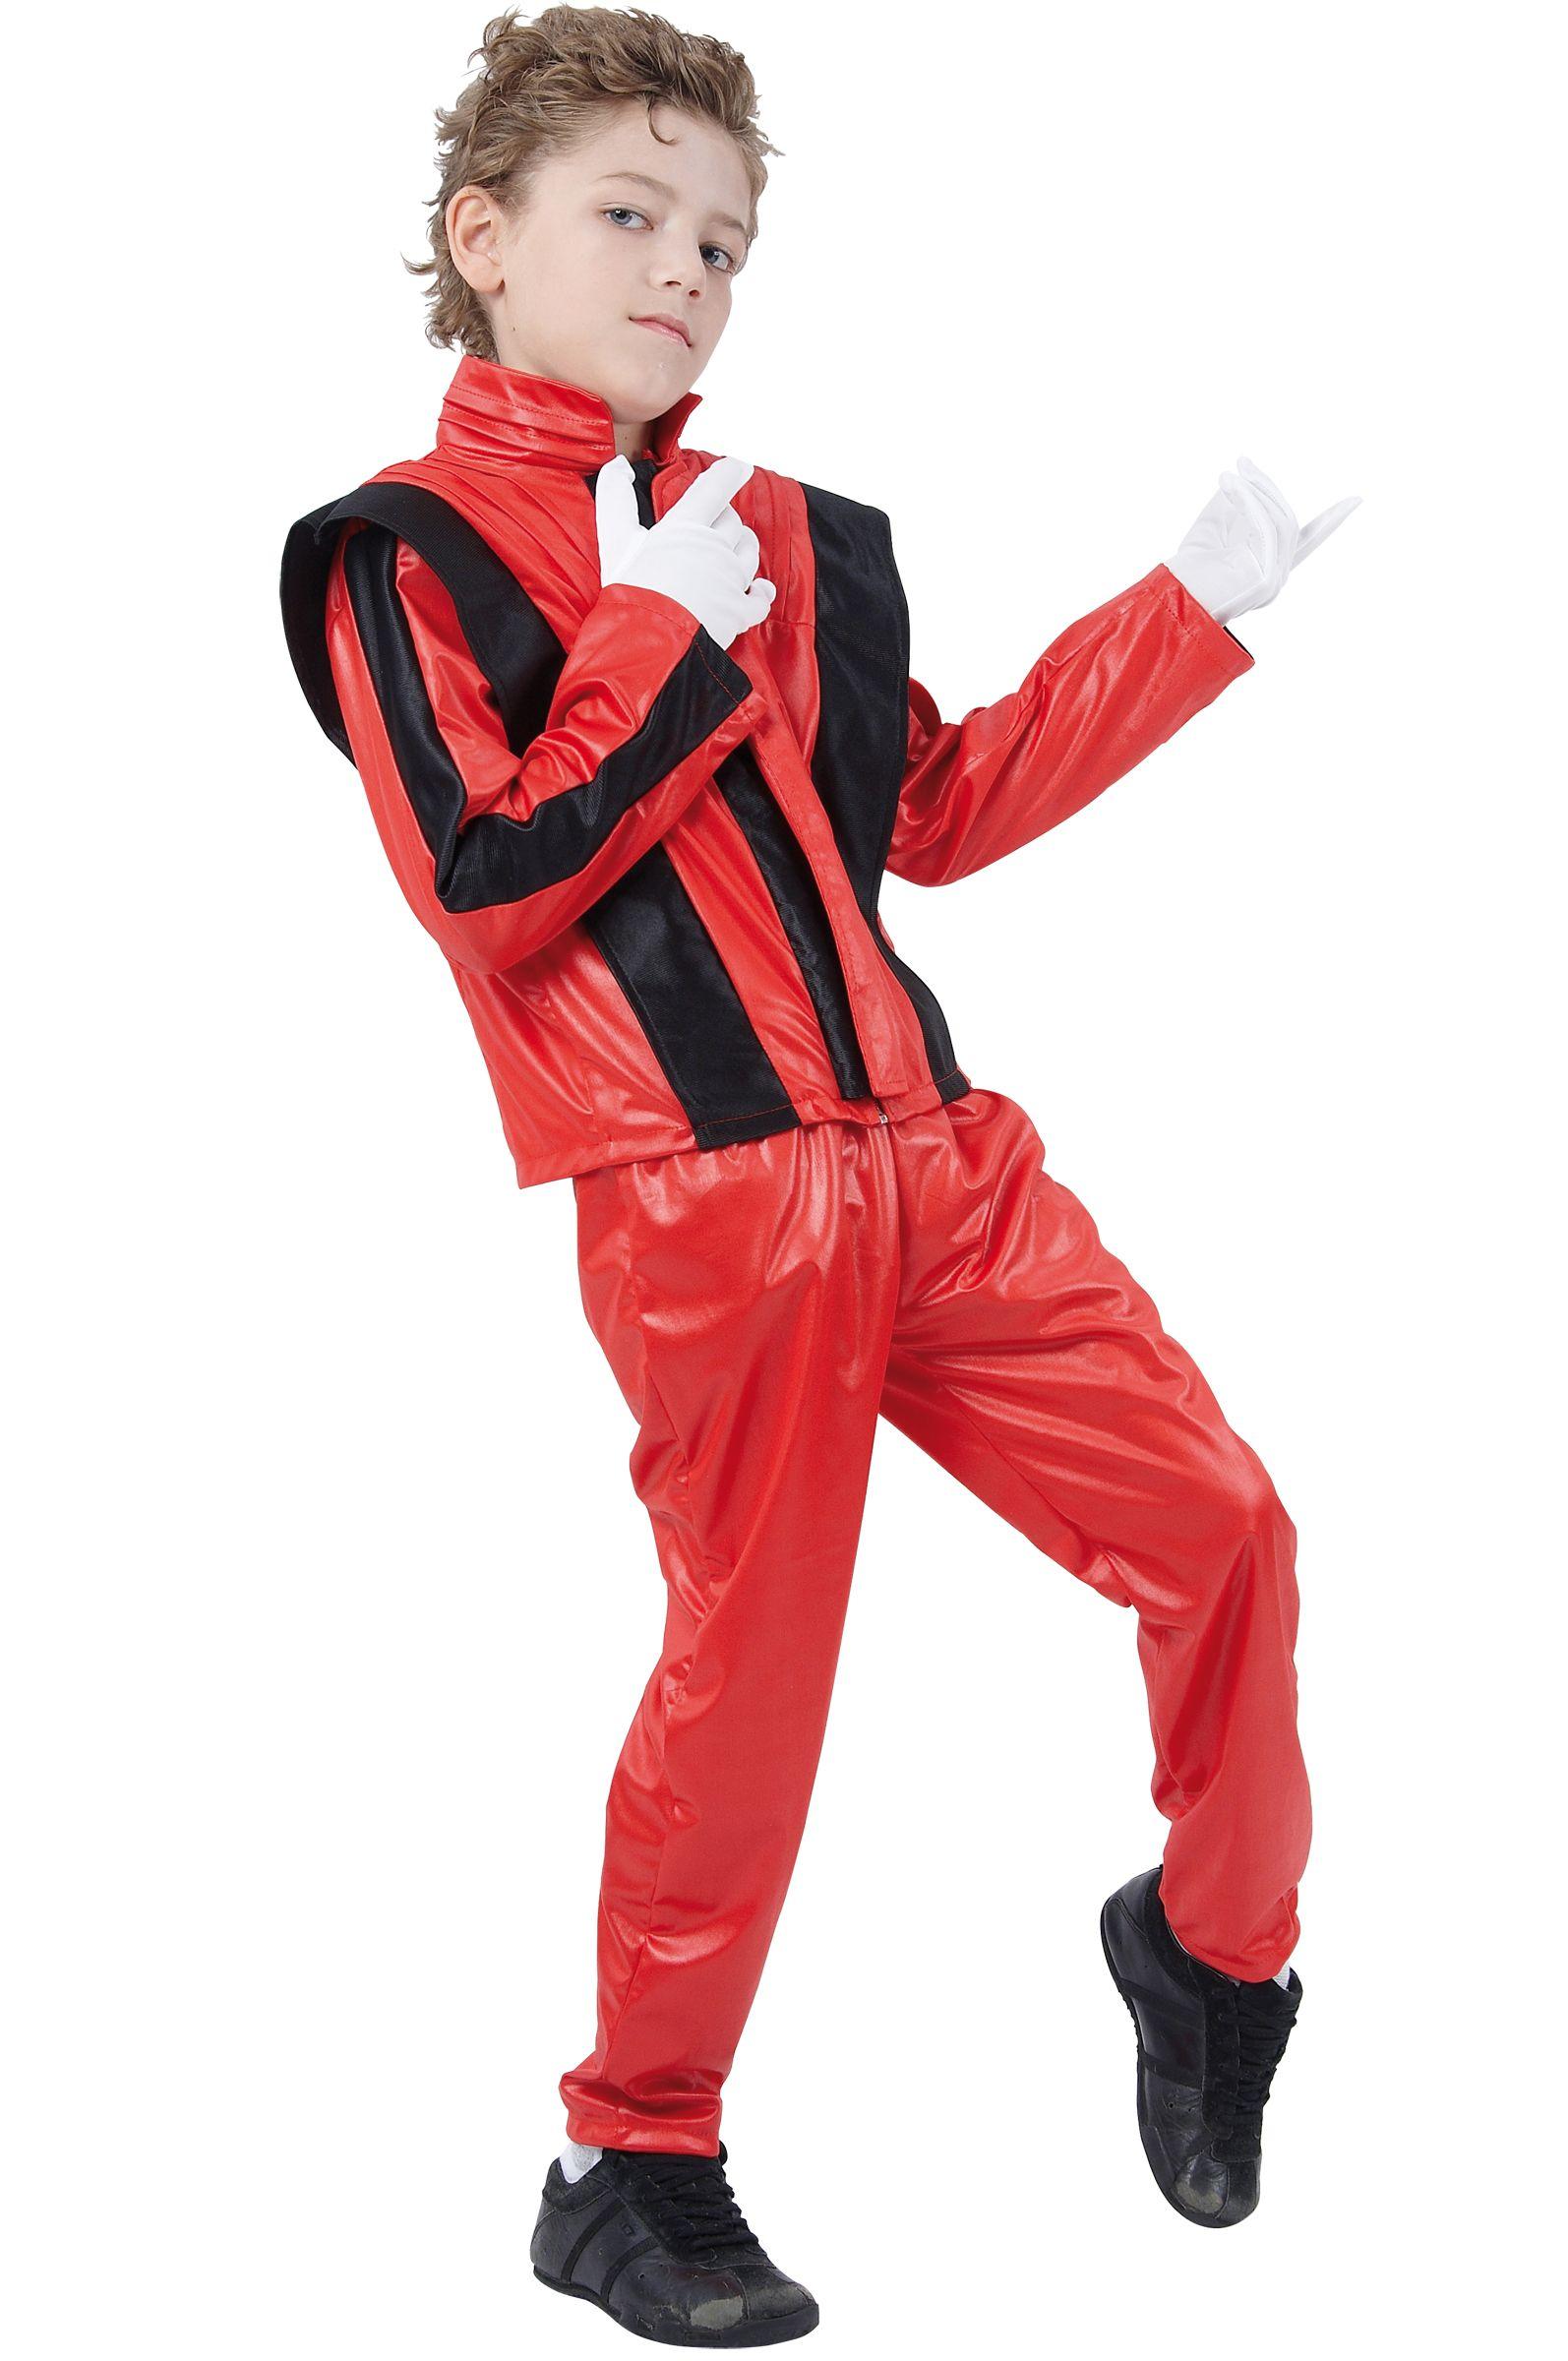 Disfraz rojo de estrella del pop para niño (con imágenes